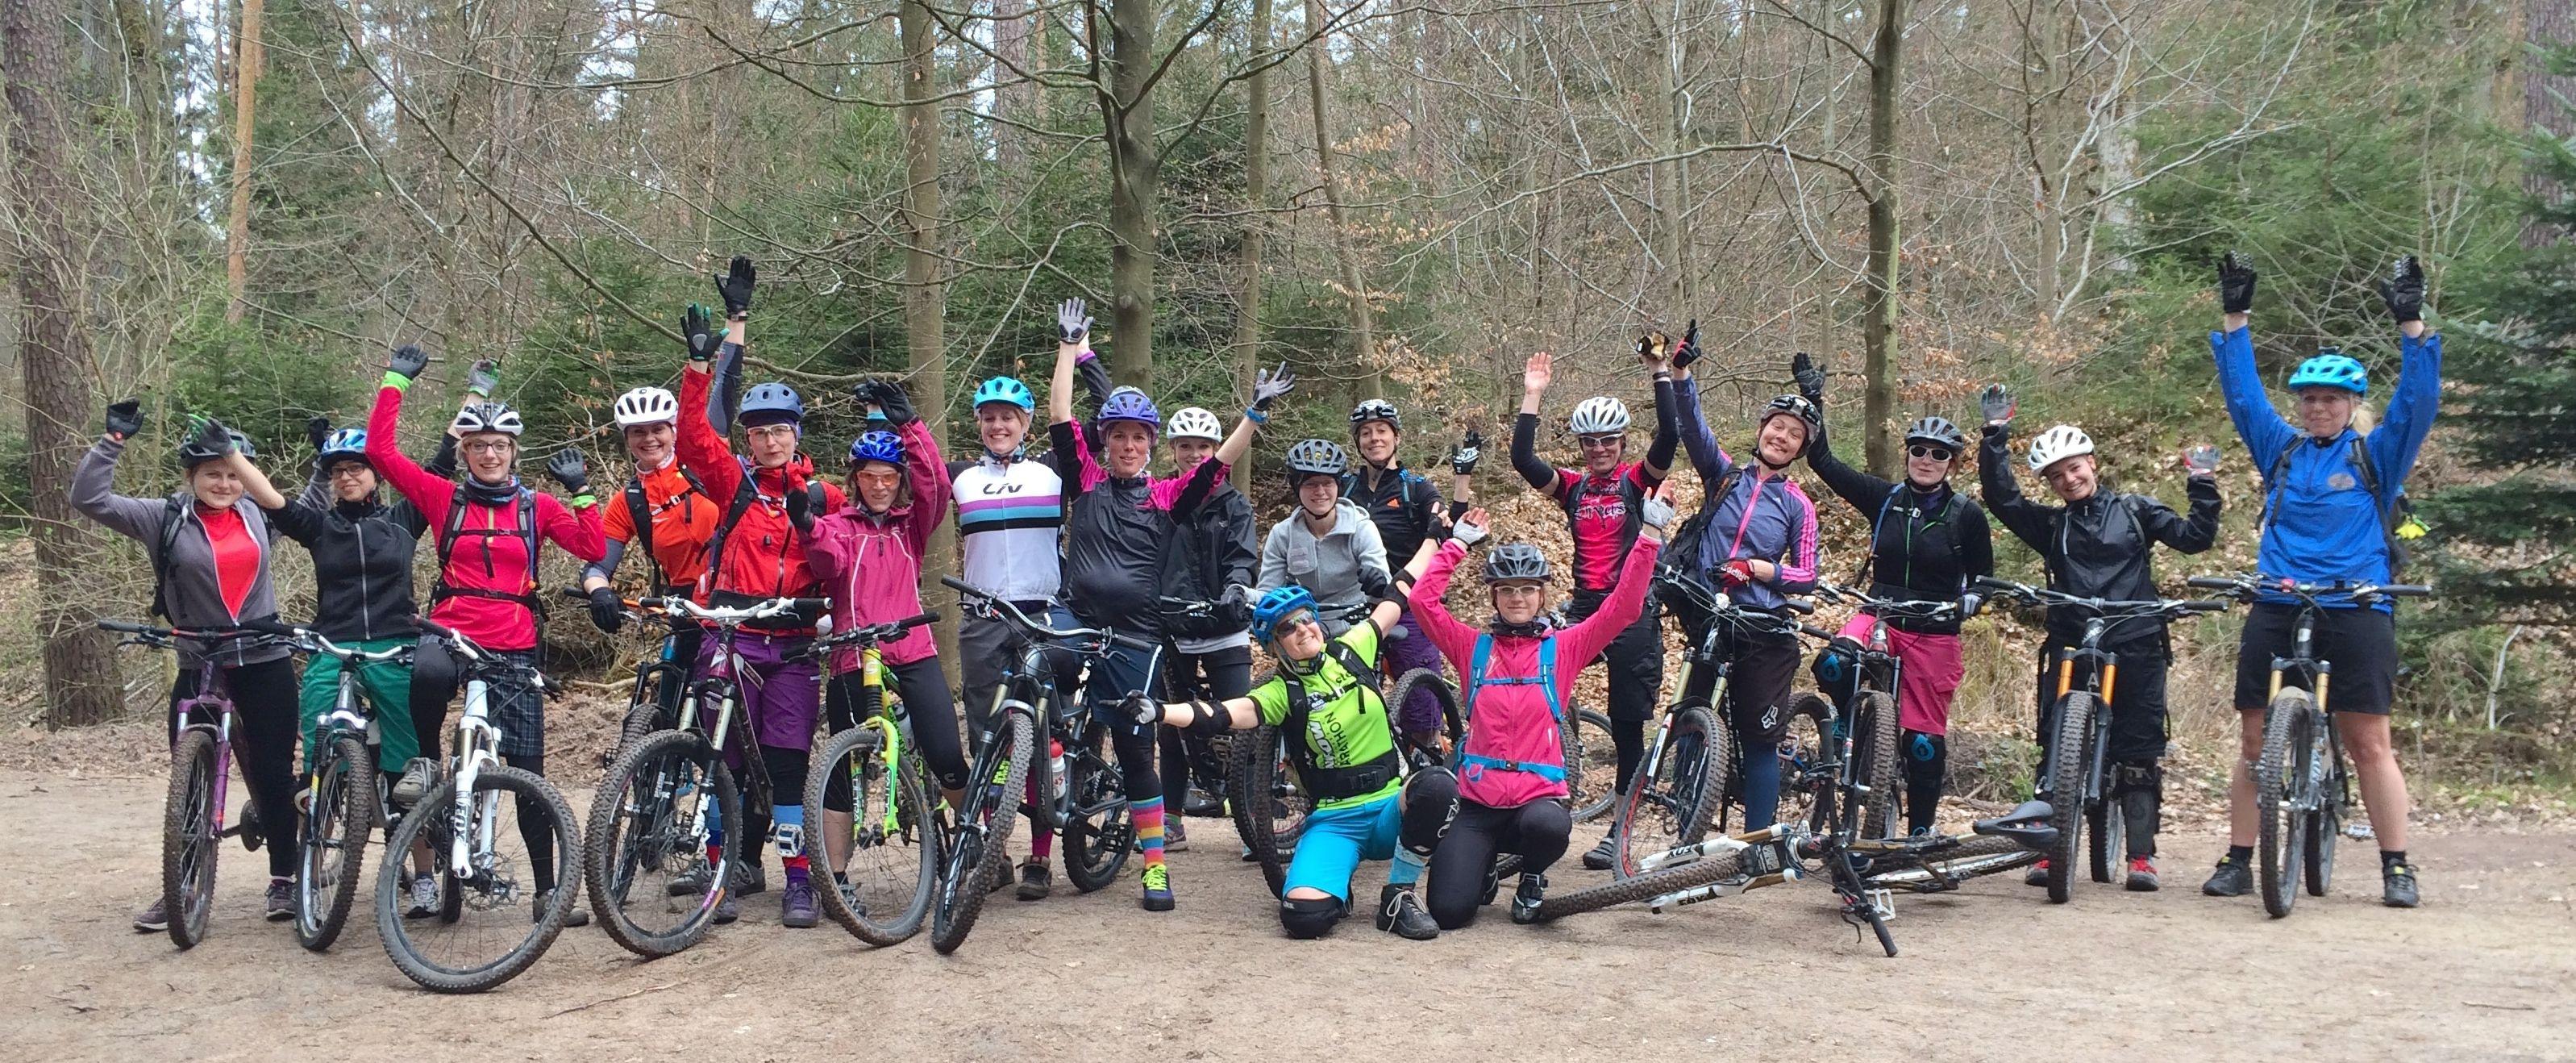 Frauenausfahrten auf dem Mountainbike in der Metropolregion Nürnberg